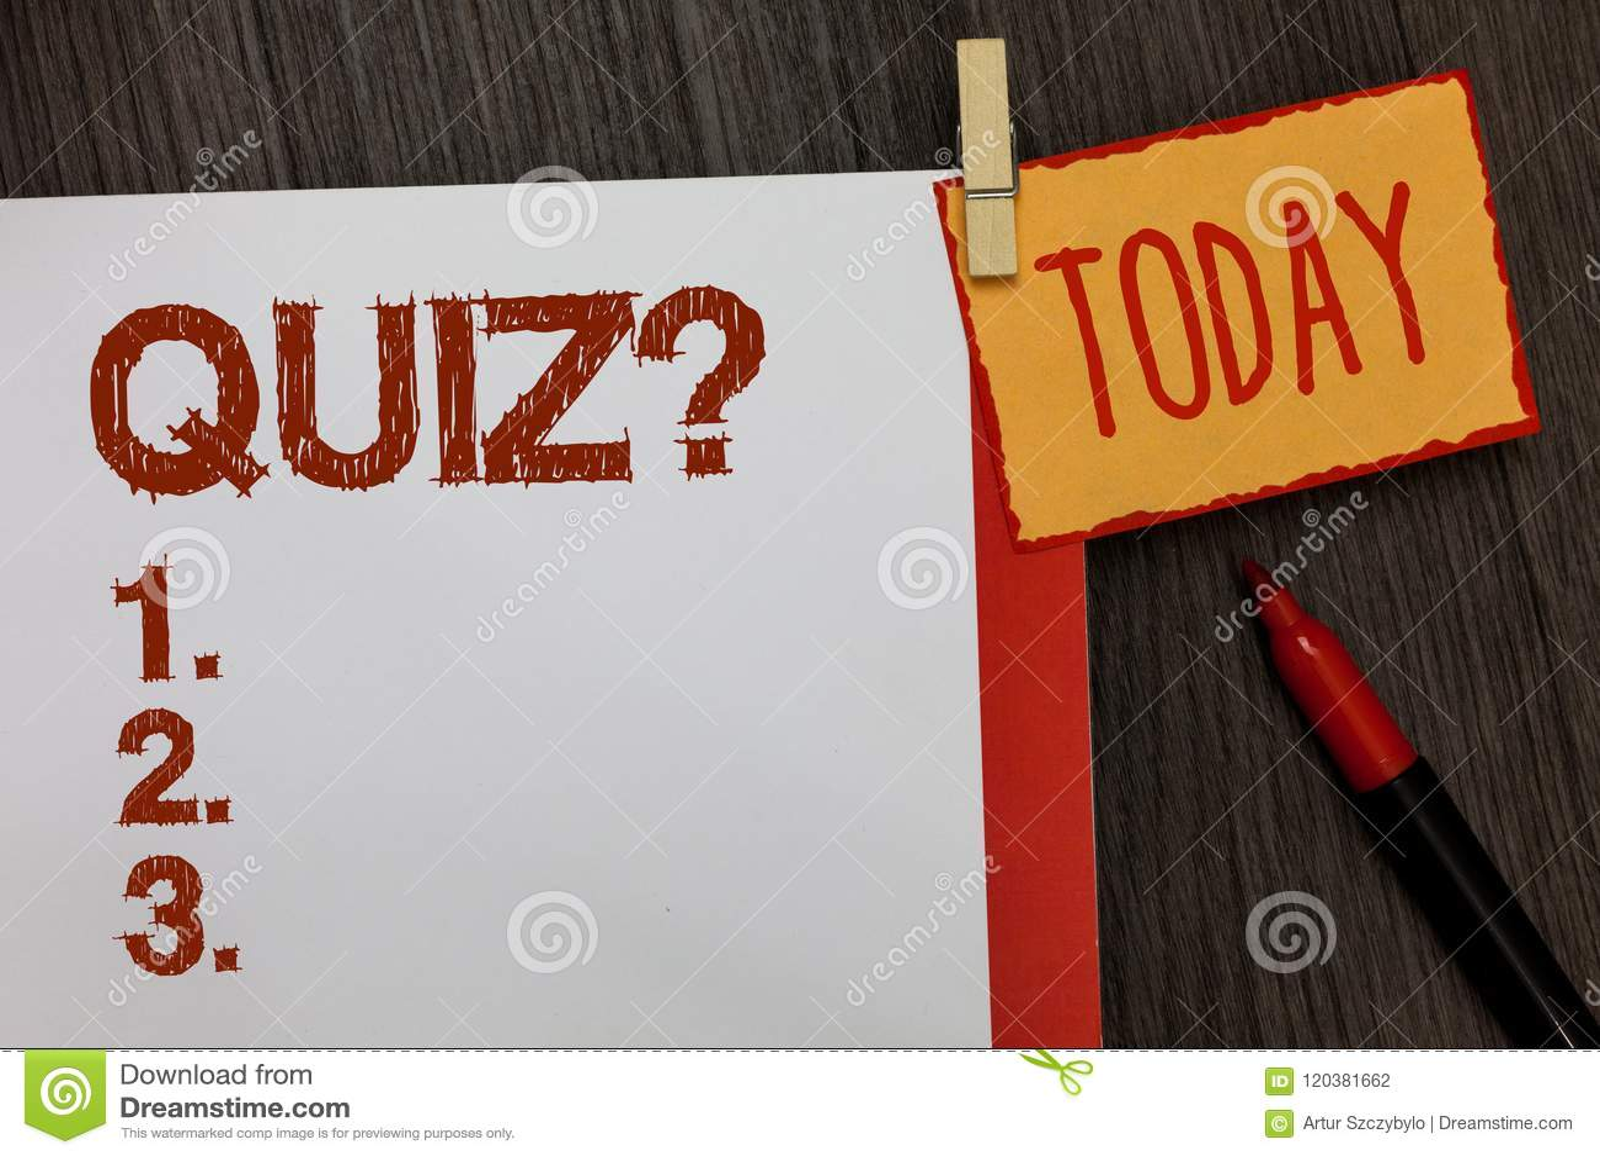 词文字文本测验问题 企业概念简称测试评估考试定量您的知识工作牛奶店3月